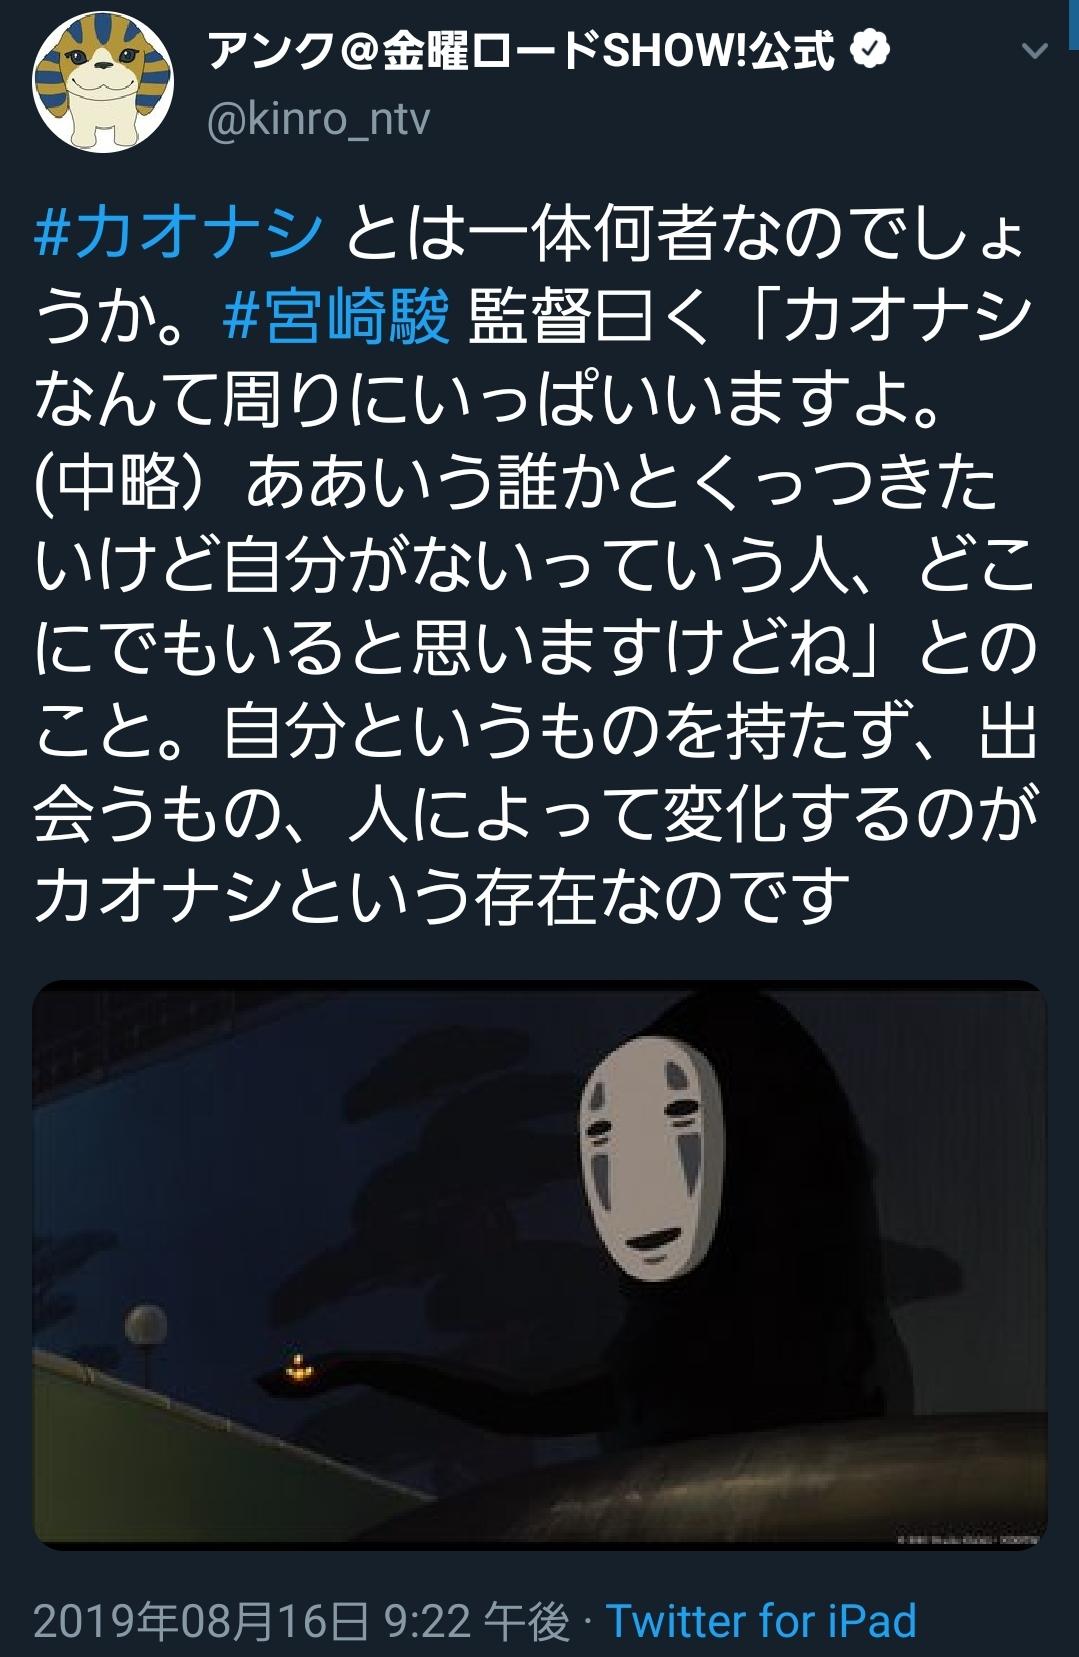 J 宮崎 駿 なん